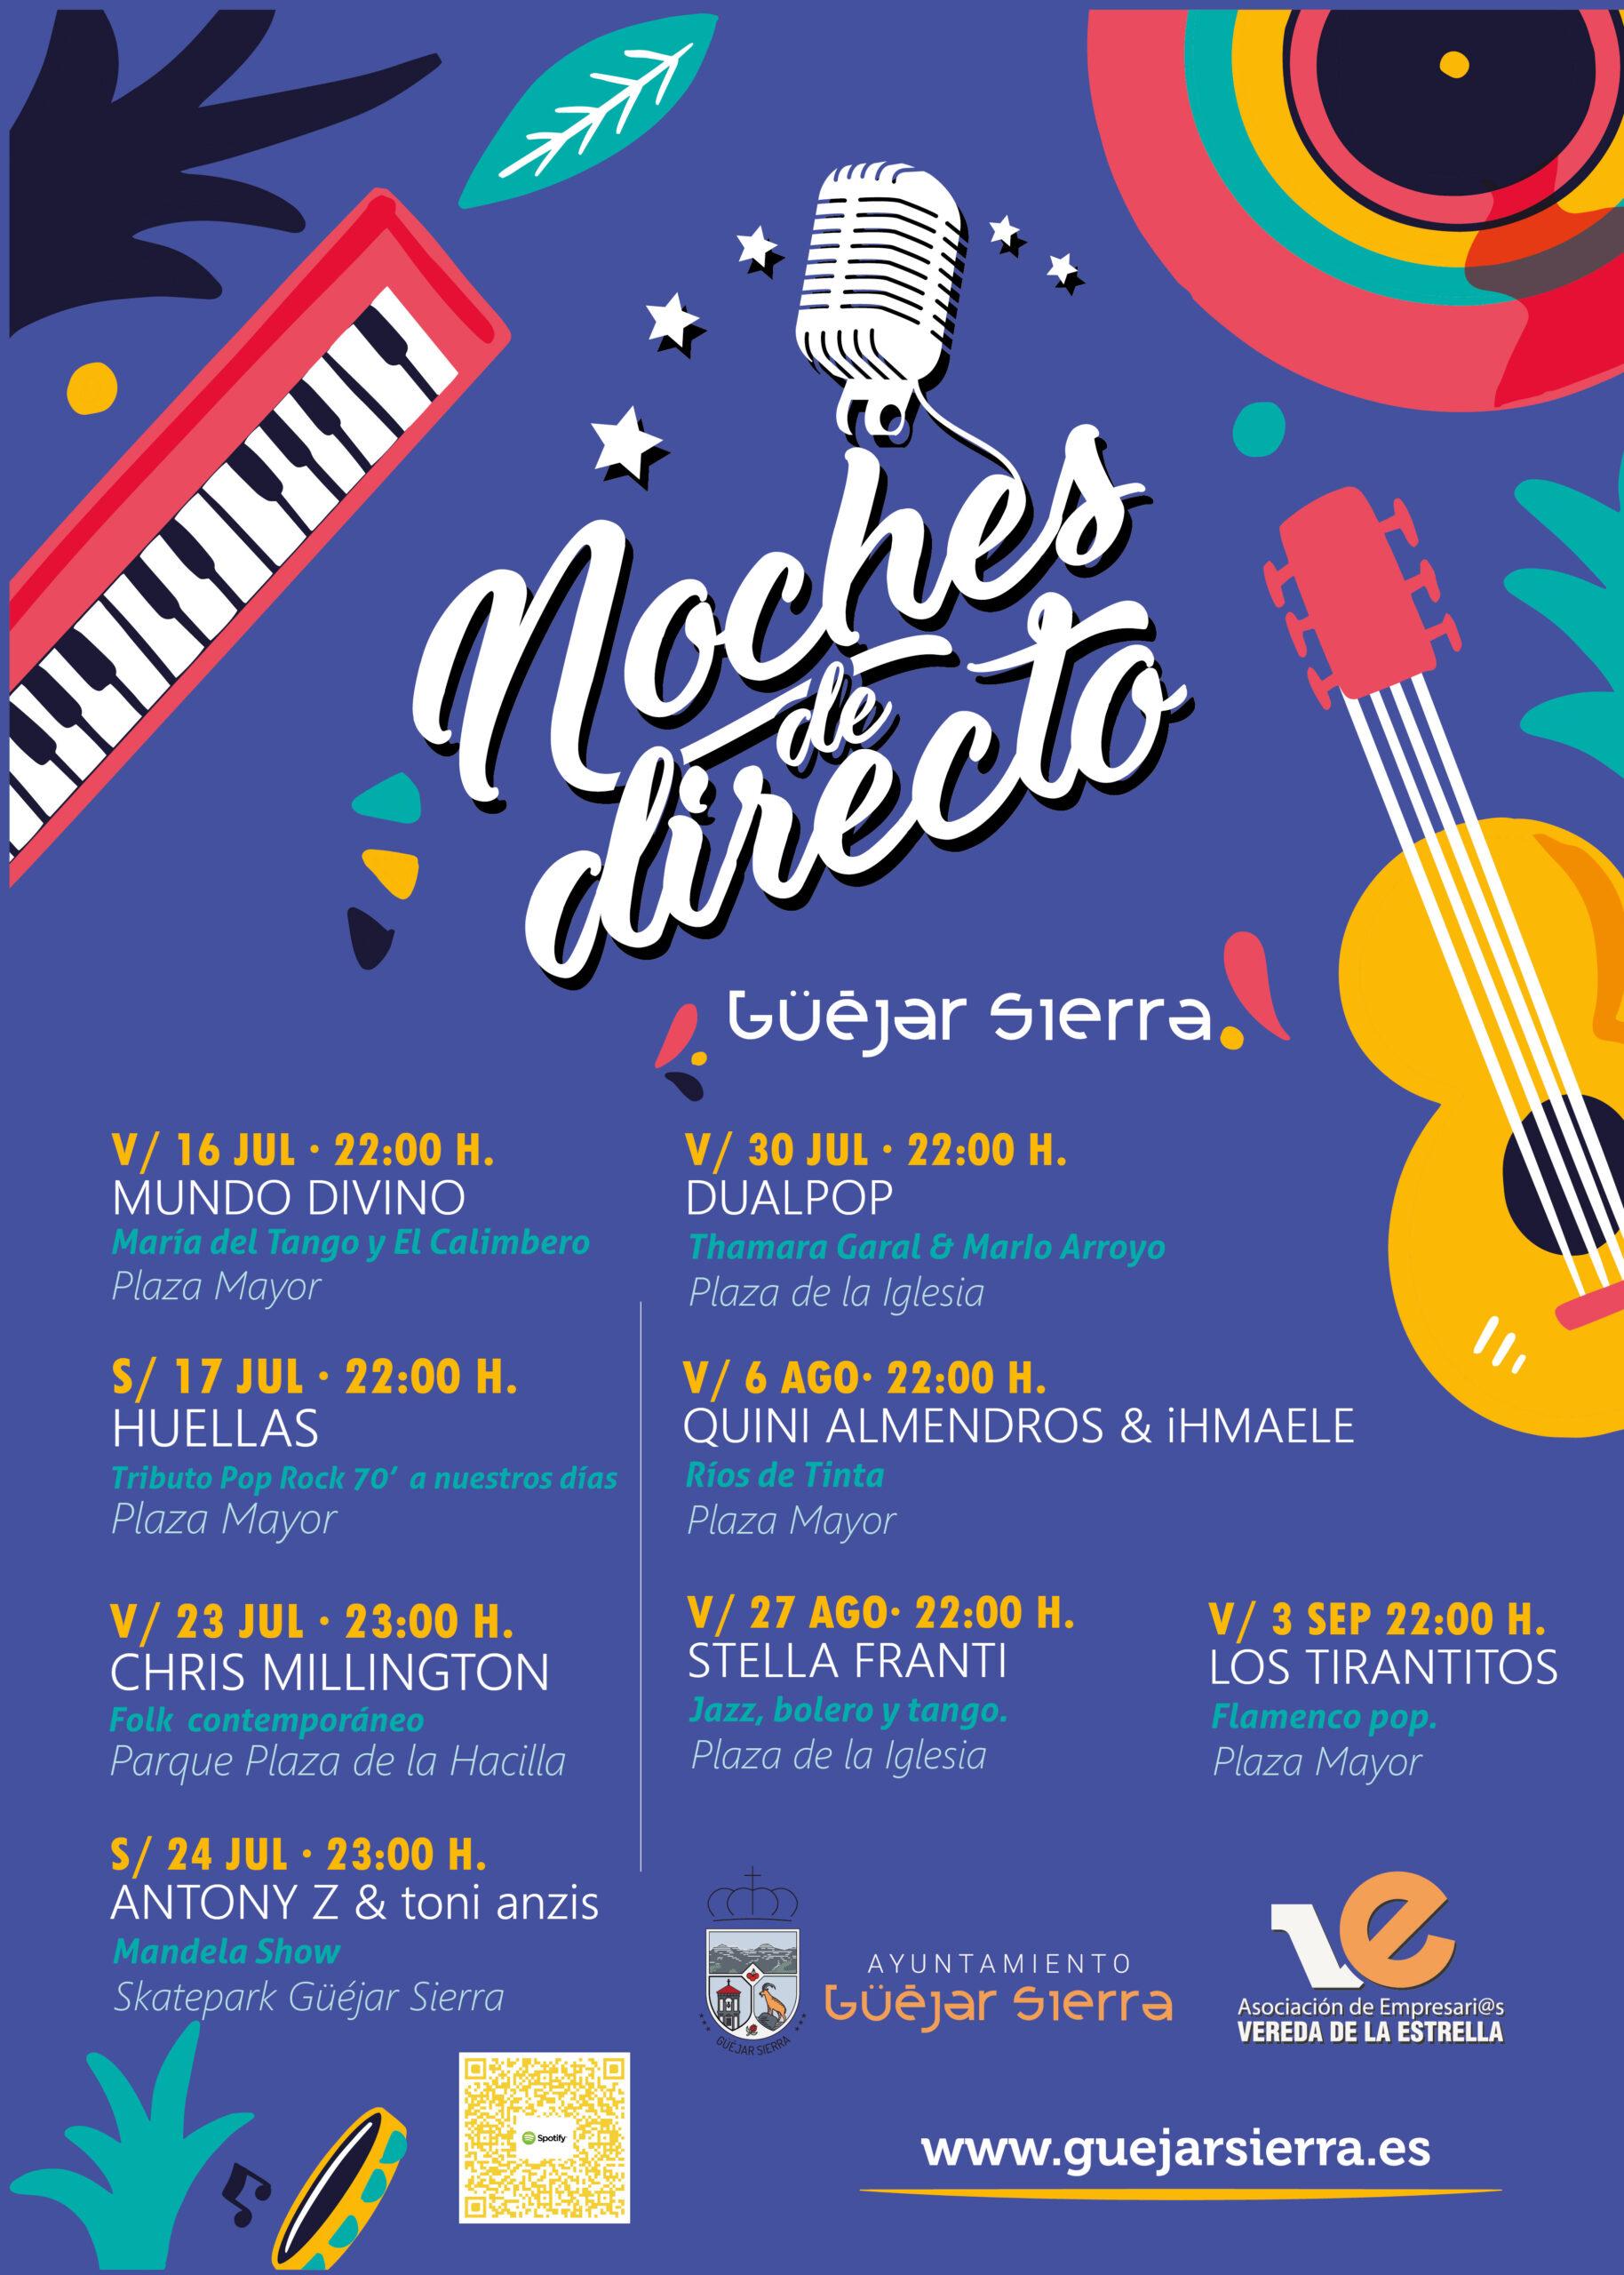 NOCHES DE DIRECTO – Los Tirantitos (Flamenco pop)